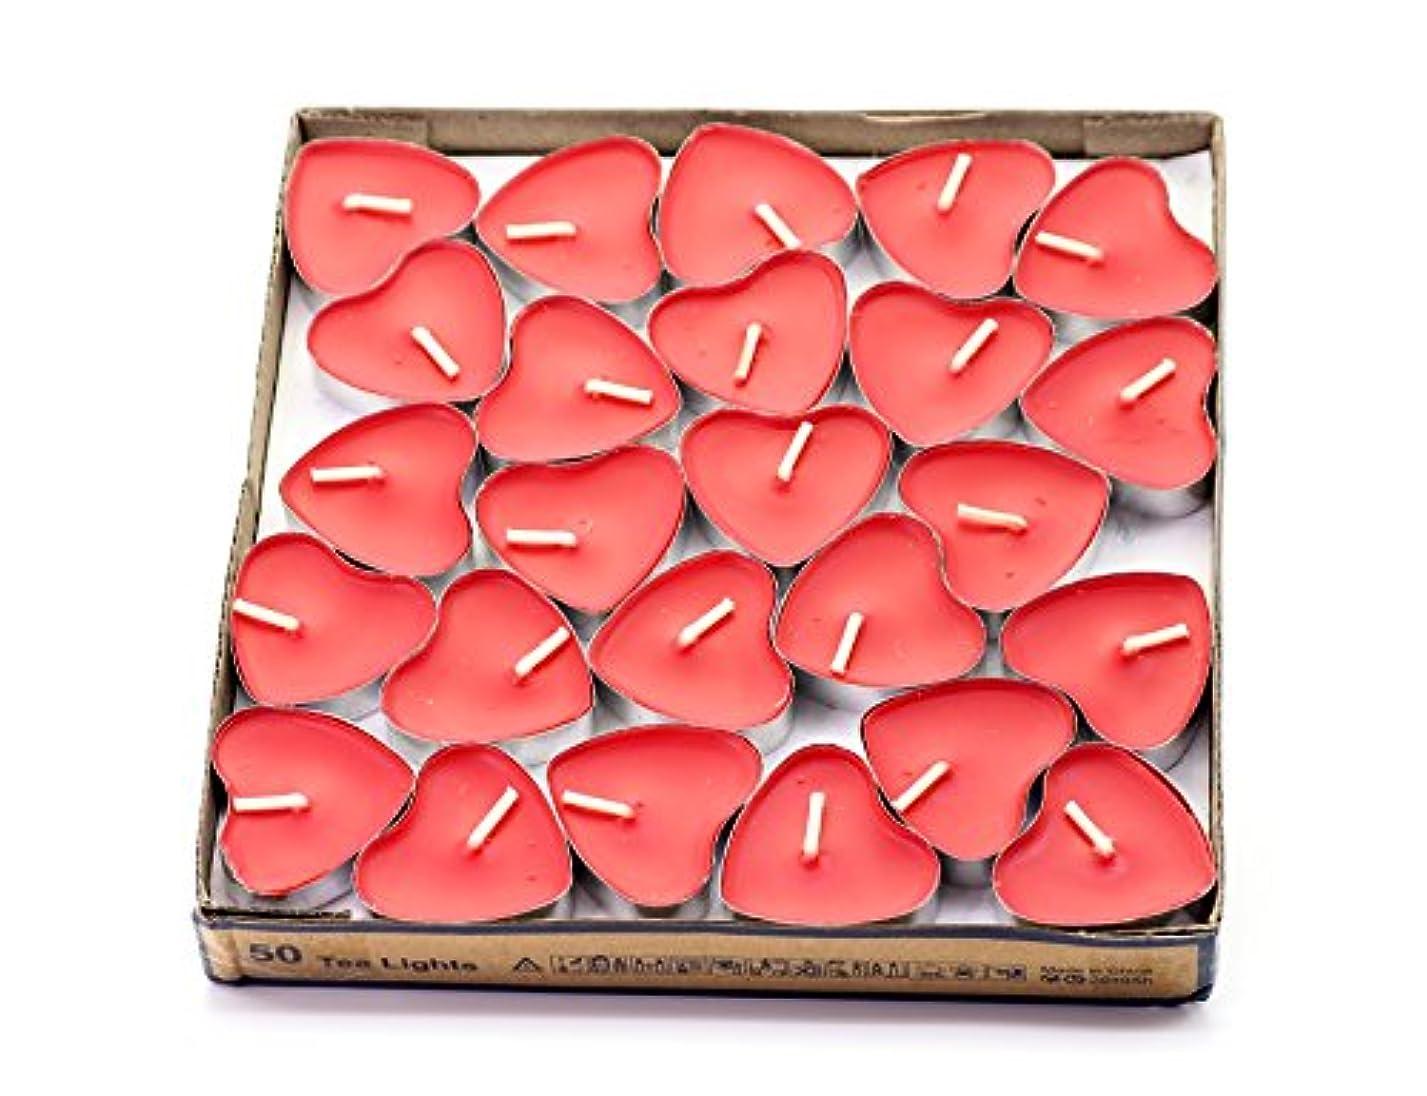 かけがえのないスキニーほとんどない(Red(strawberry)) - Creationtop Scented Candles Tea Lights Mini Hearts Home Decor Aroma Candles Set of 50 pcs...